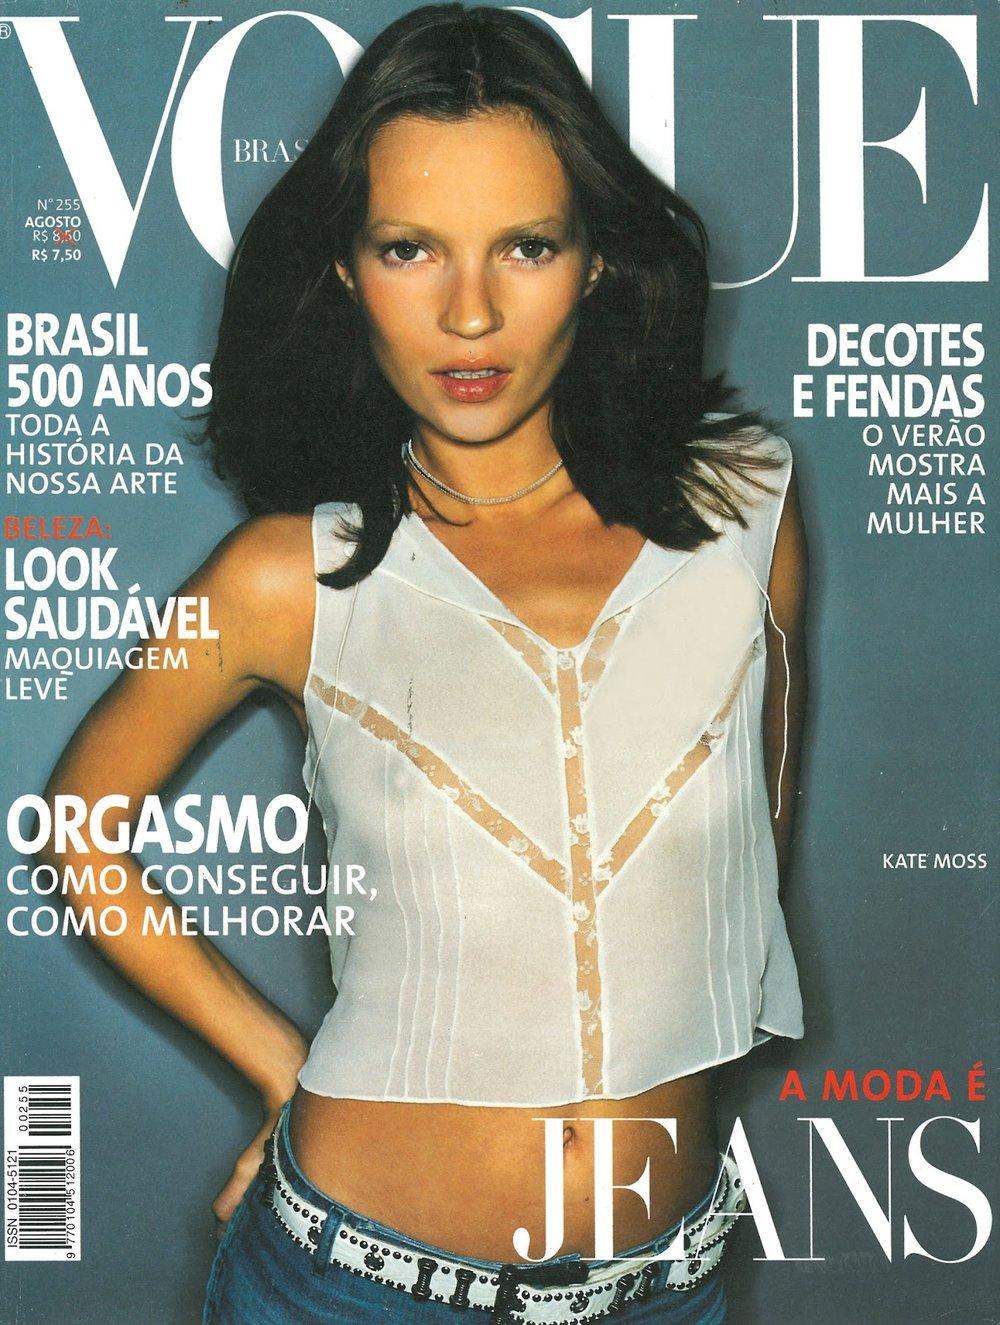 Vogue Brazil August 1999